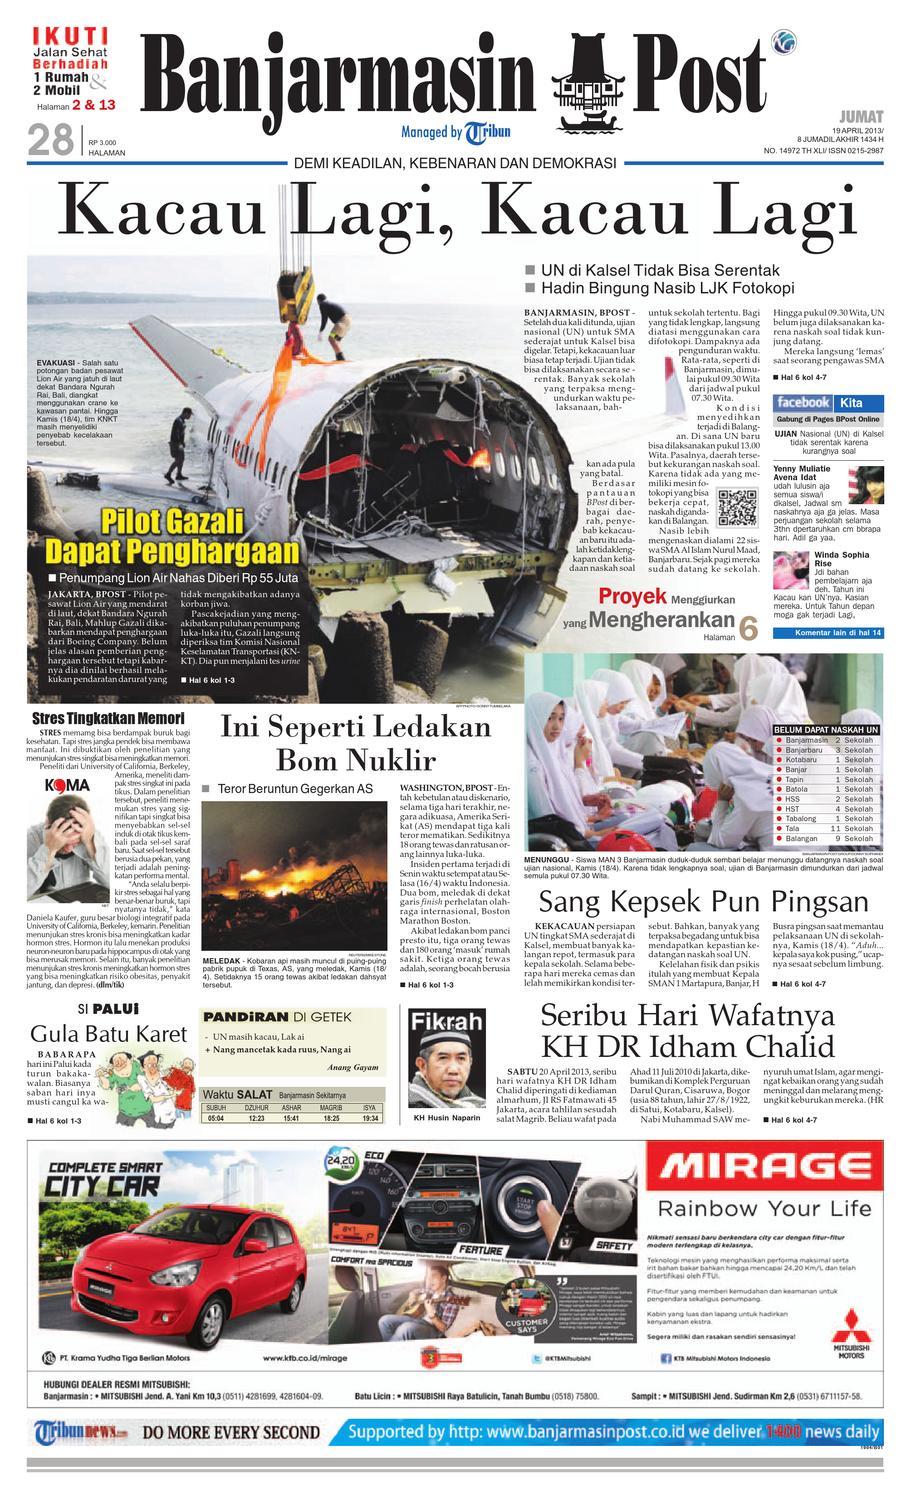 Banjarmasin Post Edisi Jumat 19 April 2013 By Issuu Produk Ukm Bumn Tas Ransel Threepoint